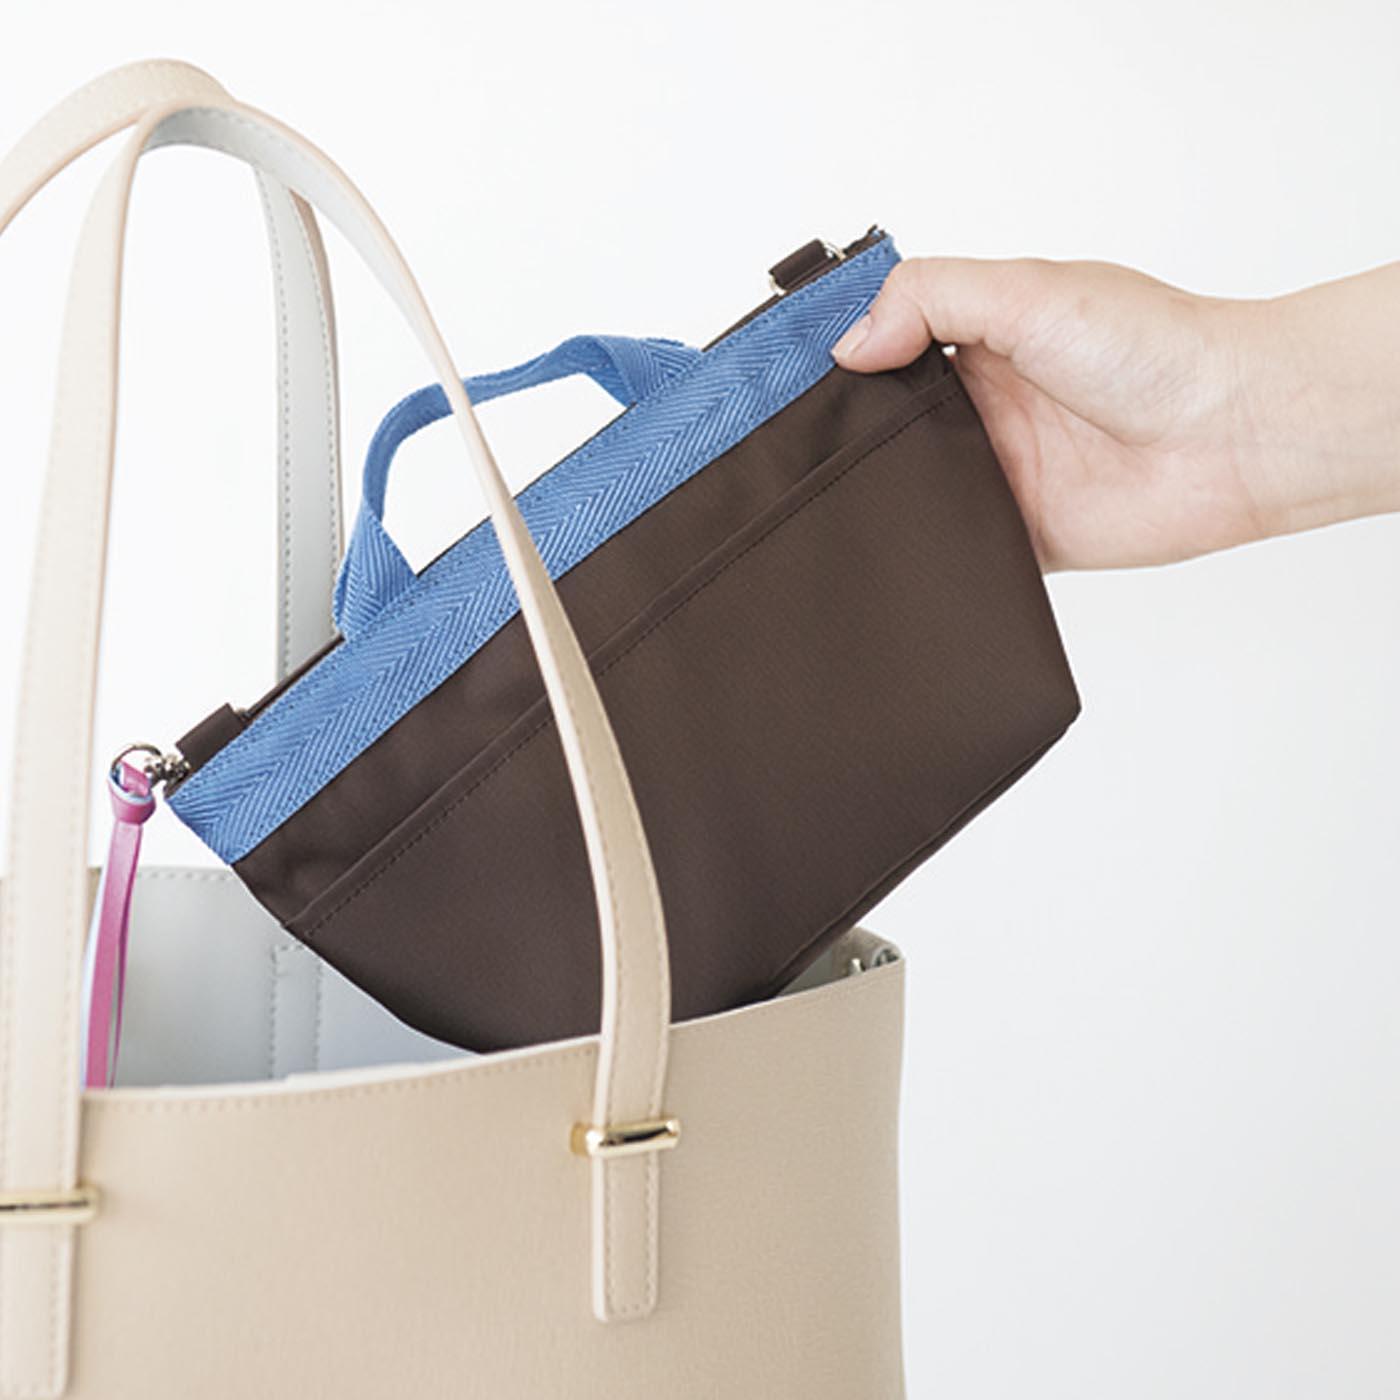 必要なものはひとまとめにして、そのままバッグにイン。